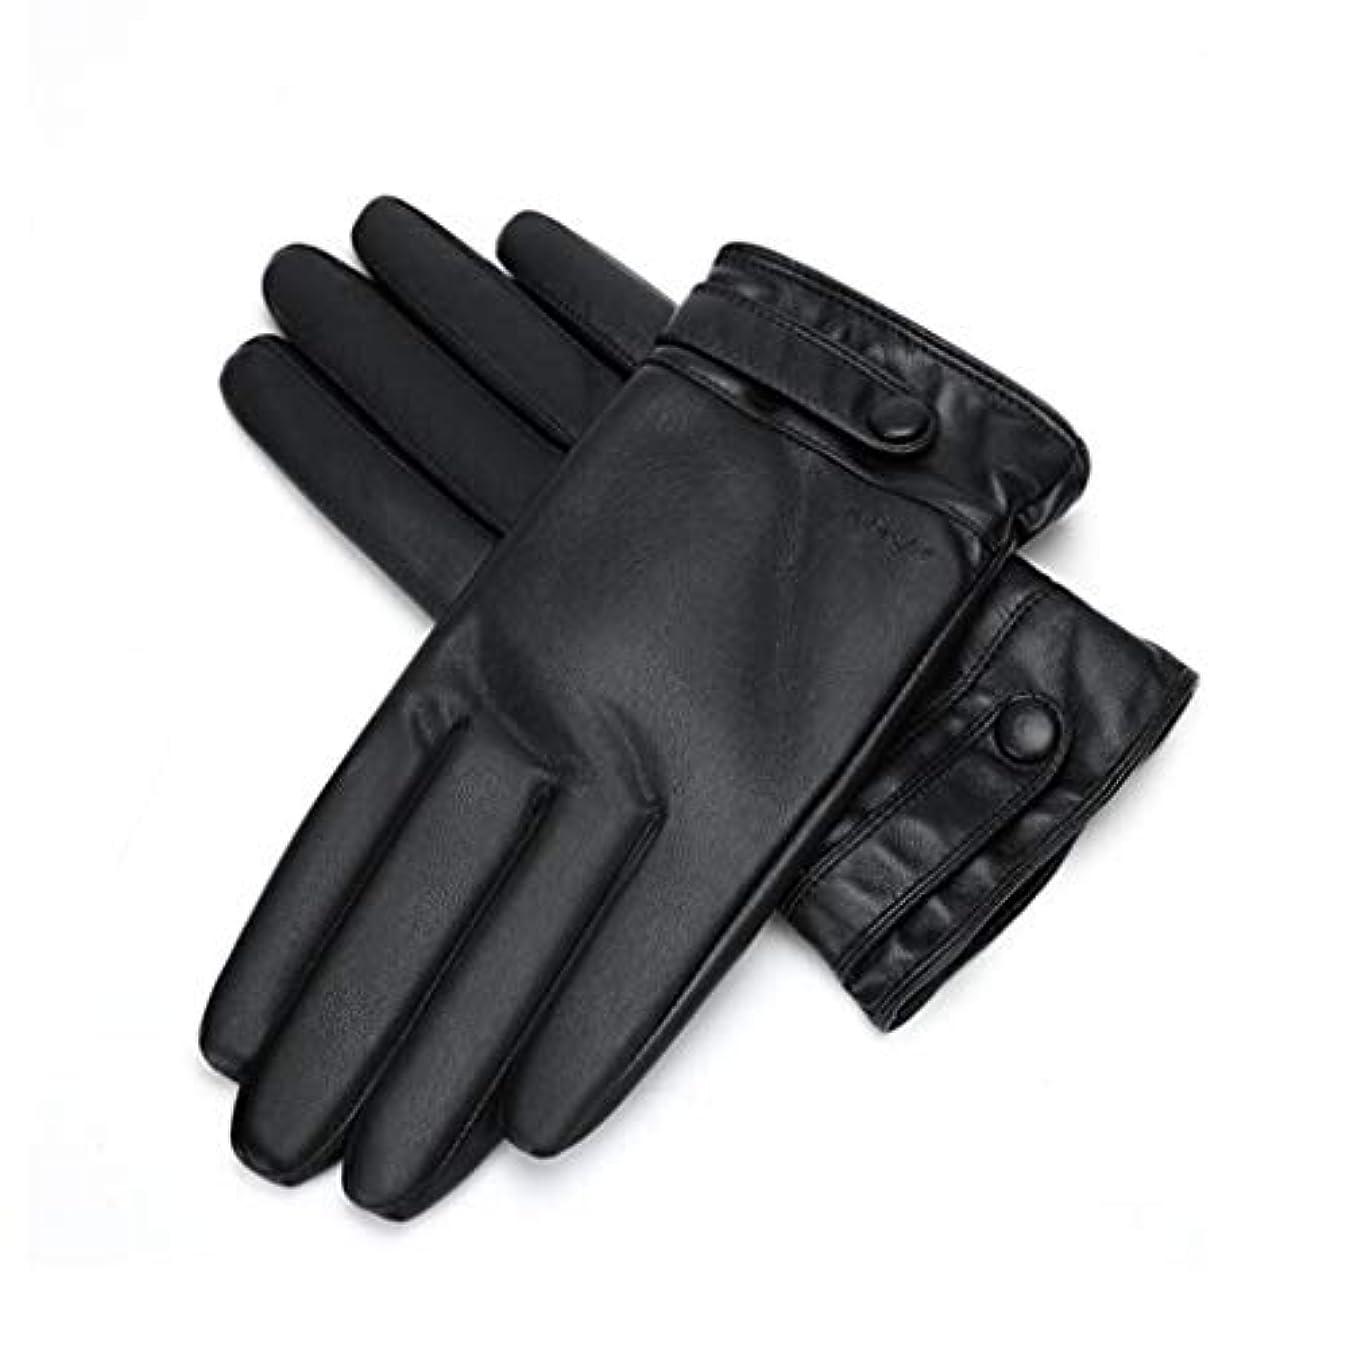 慣れているパイプライン球状暖かい秋と冬を保つためにメンズ革手袋のタッチスクリーンメンズ自転車厚いぬいぐるみ手袋 (サイズ さいず : L21*8.9cm)